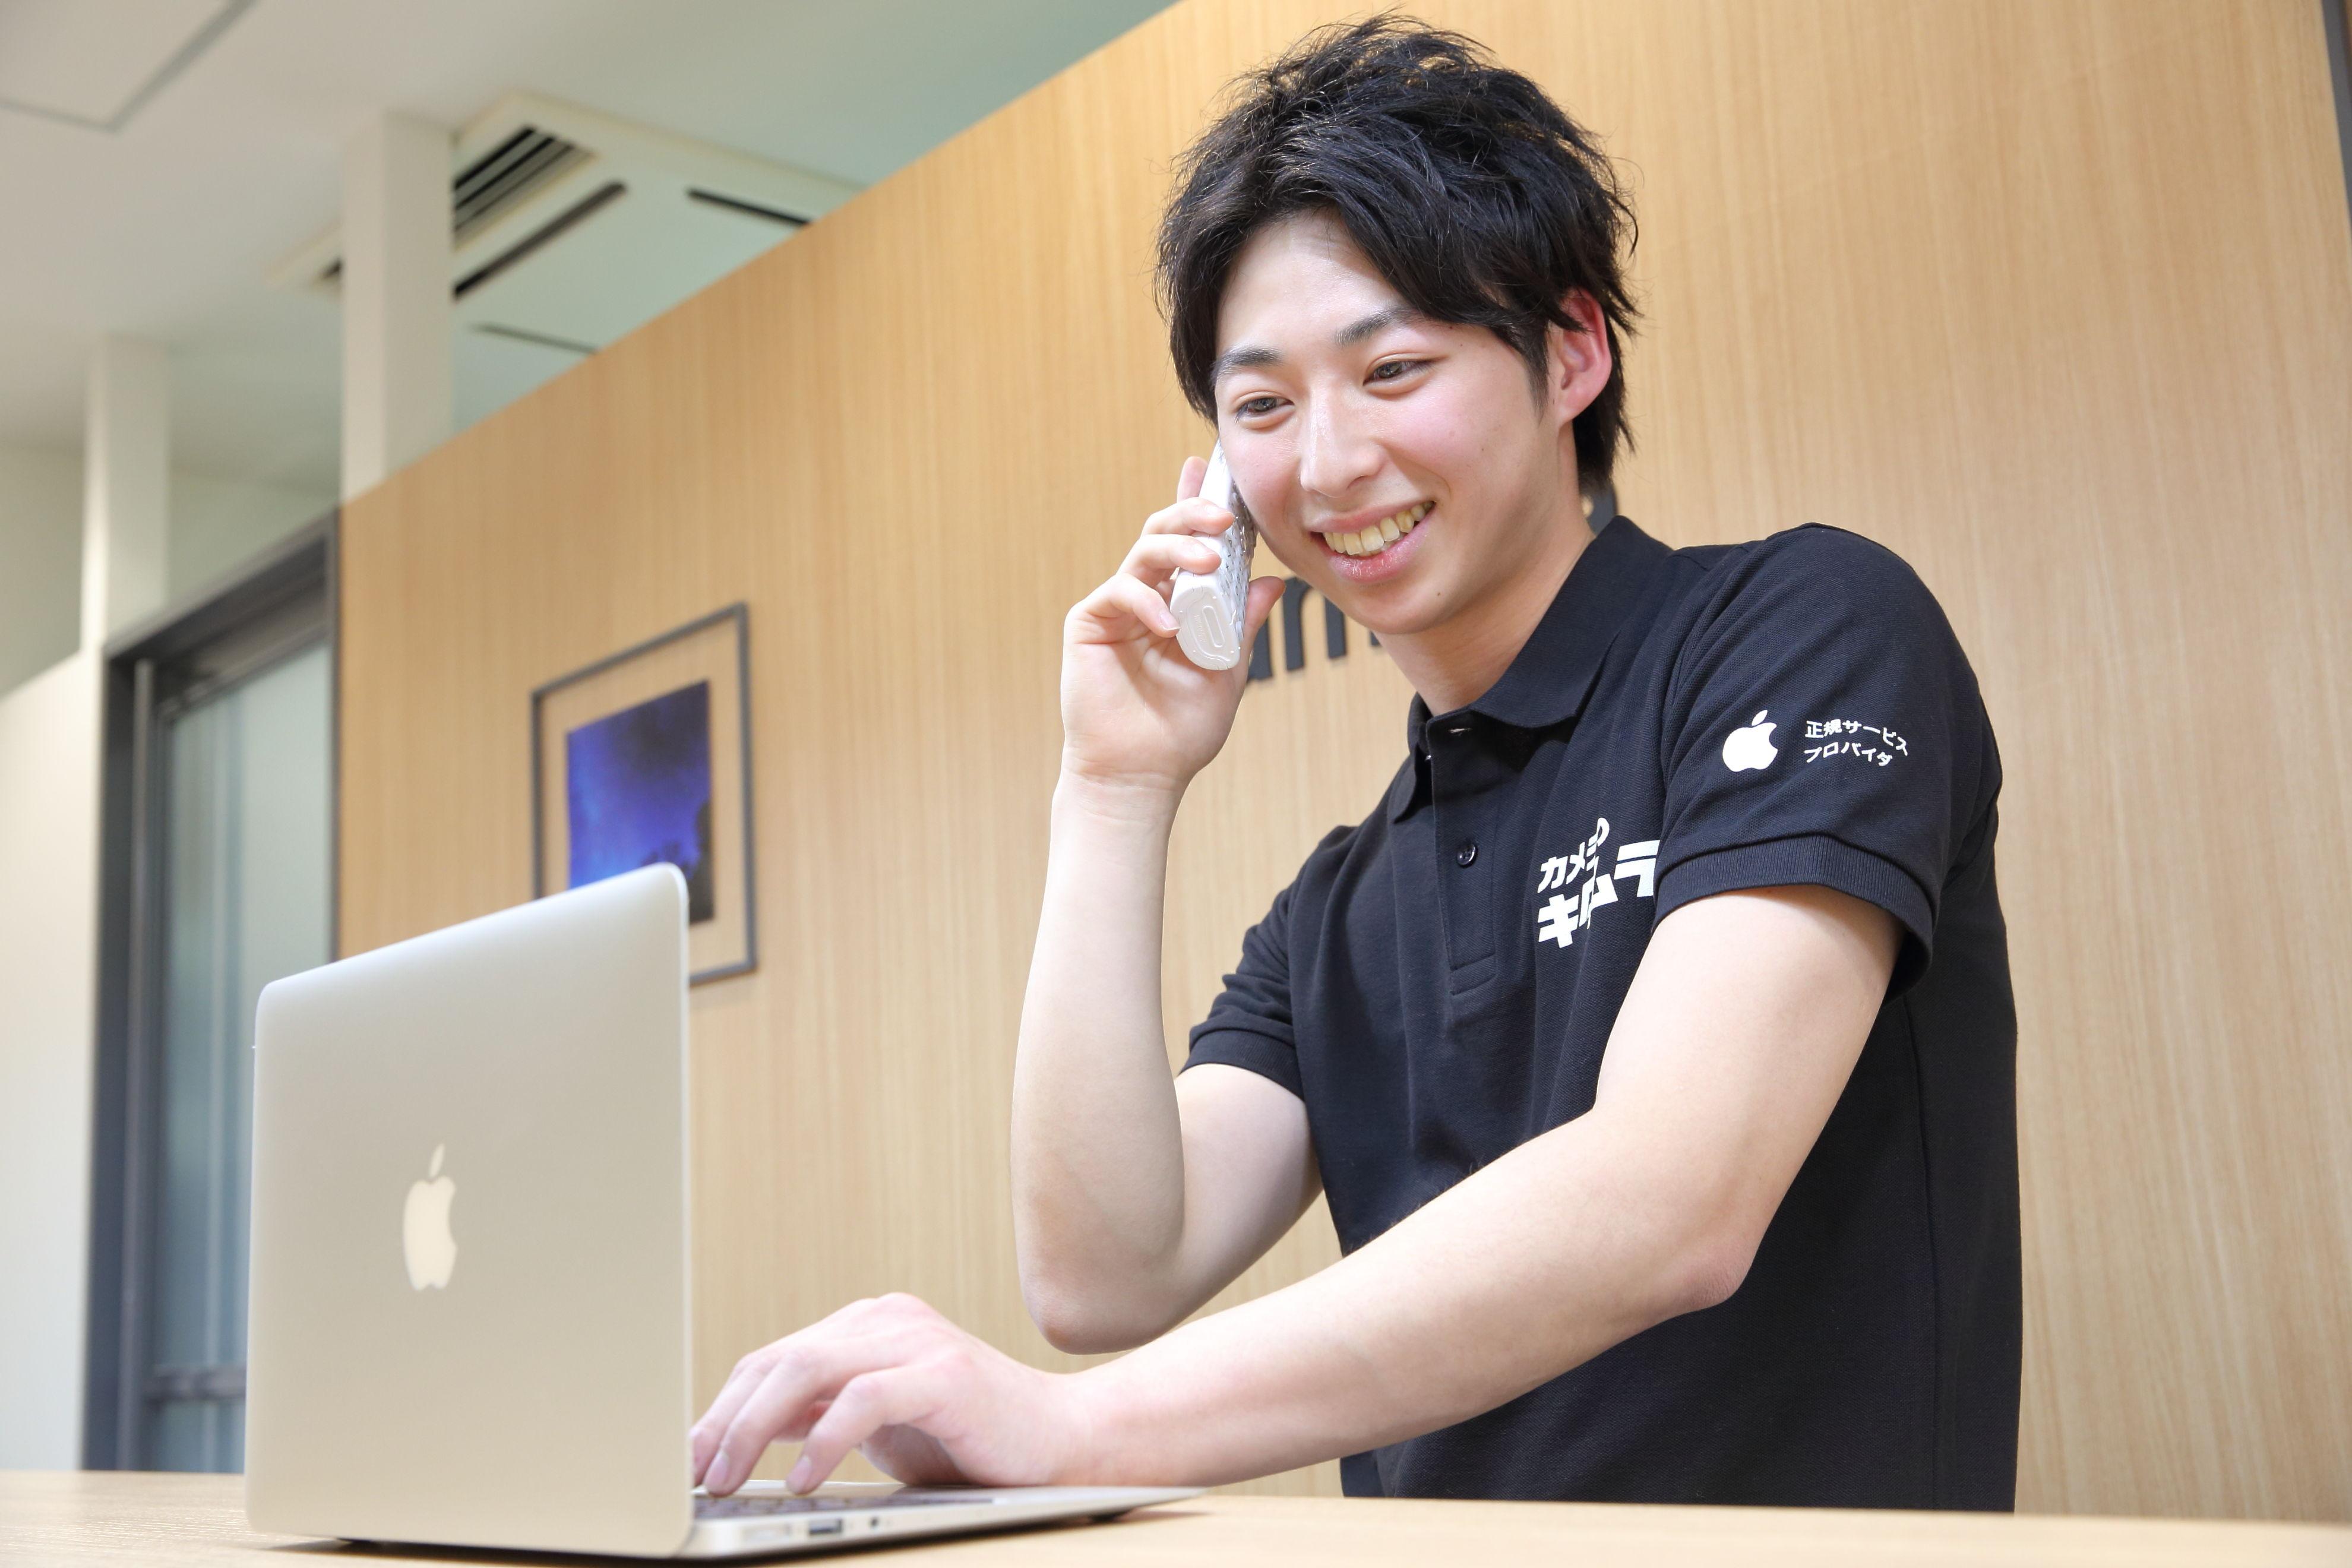 カメラのキタムラ アップル製品サービス 本巣/モレラ岐阜店 のアルバイト情報